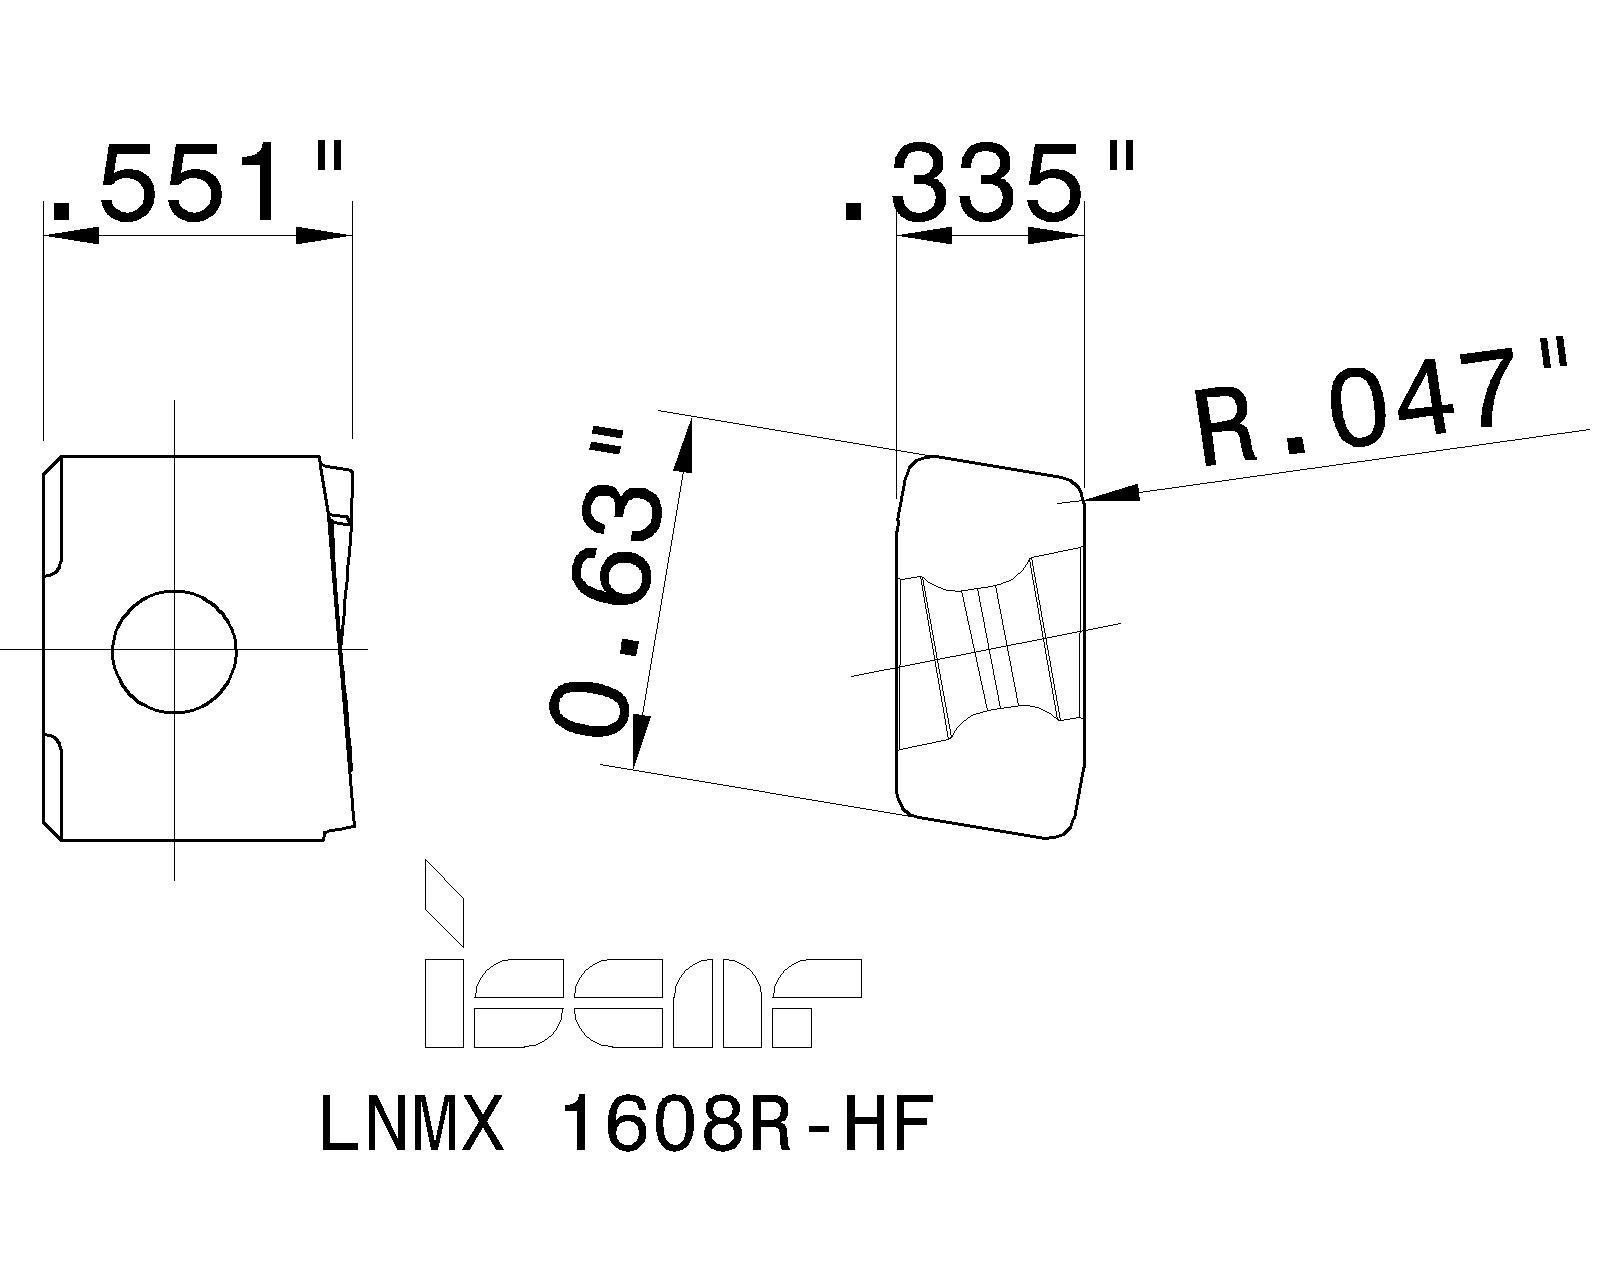 LNMX 1608R-HF IC9150  ISCAR INSERTS